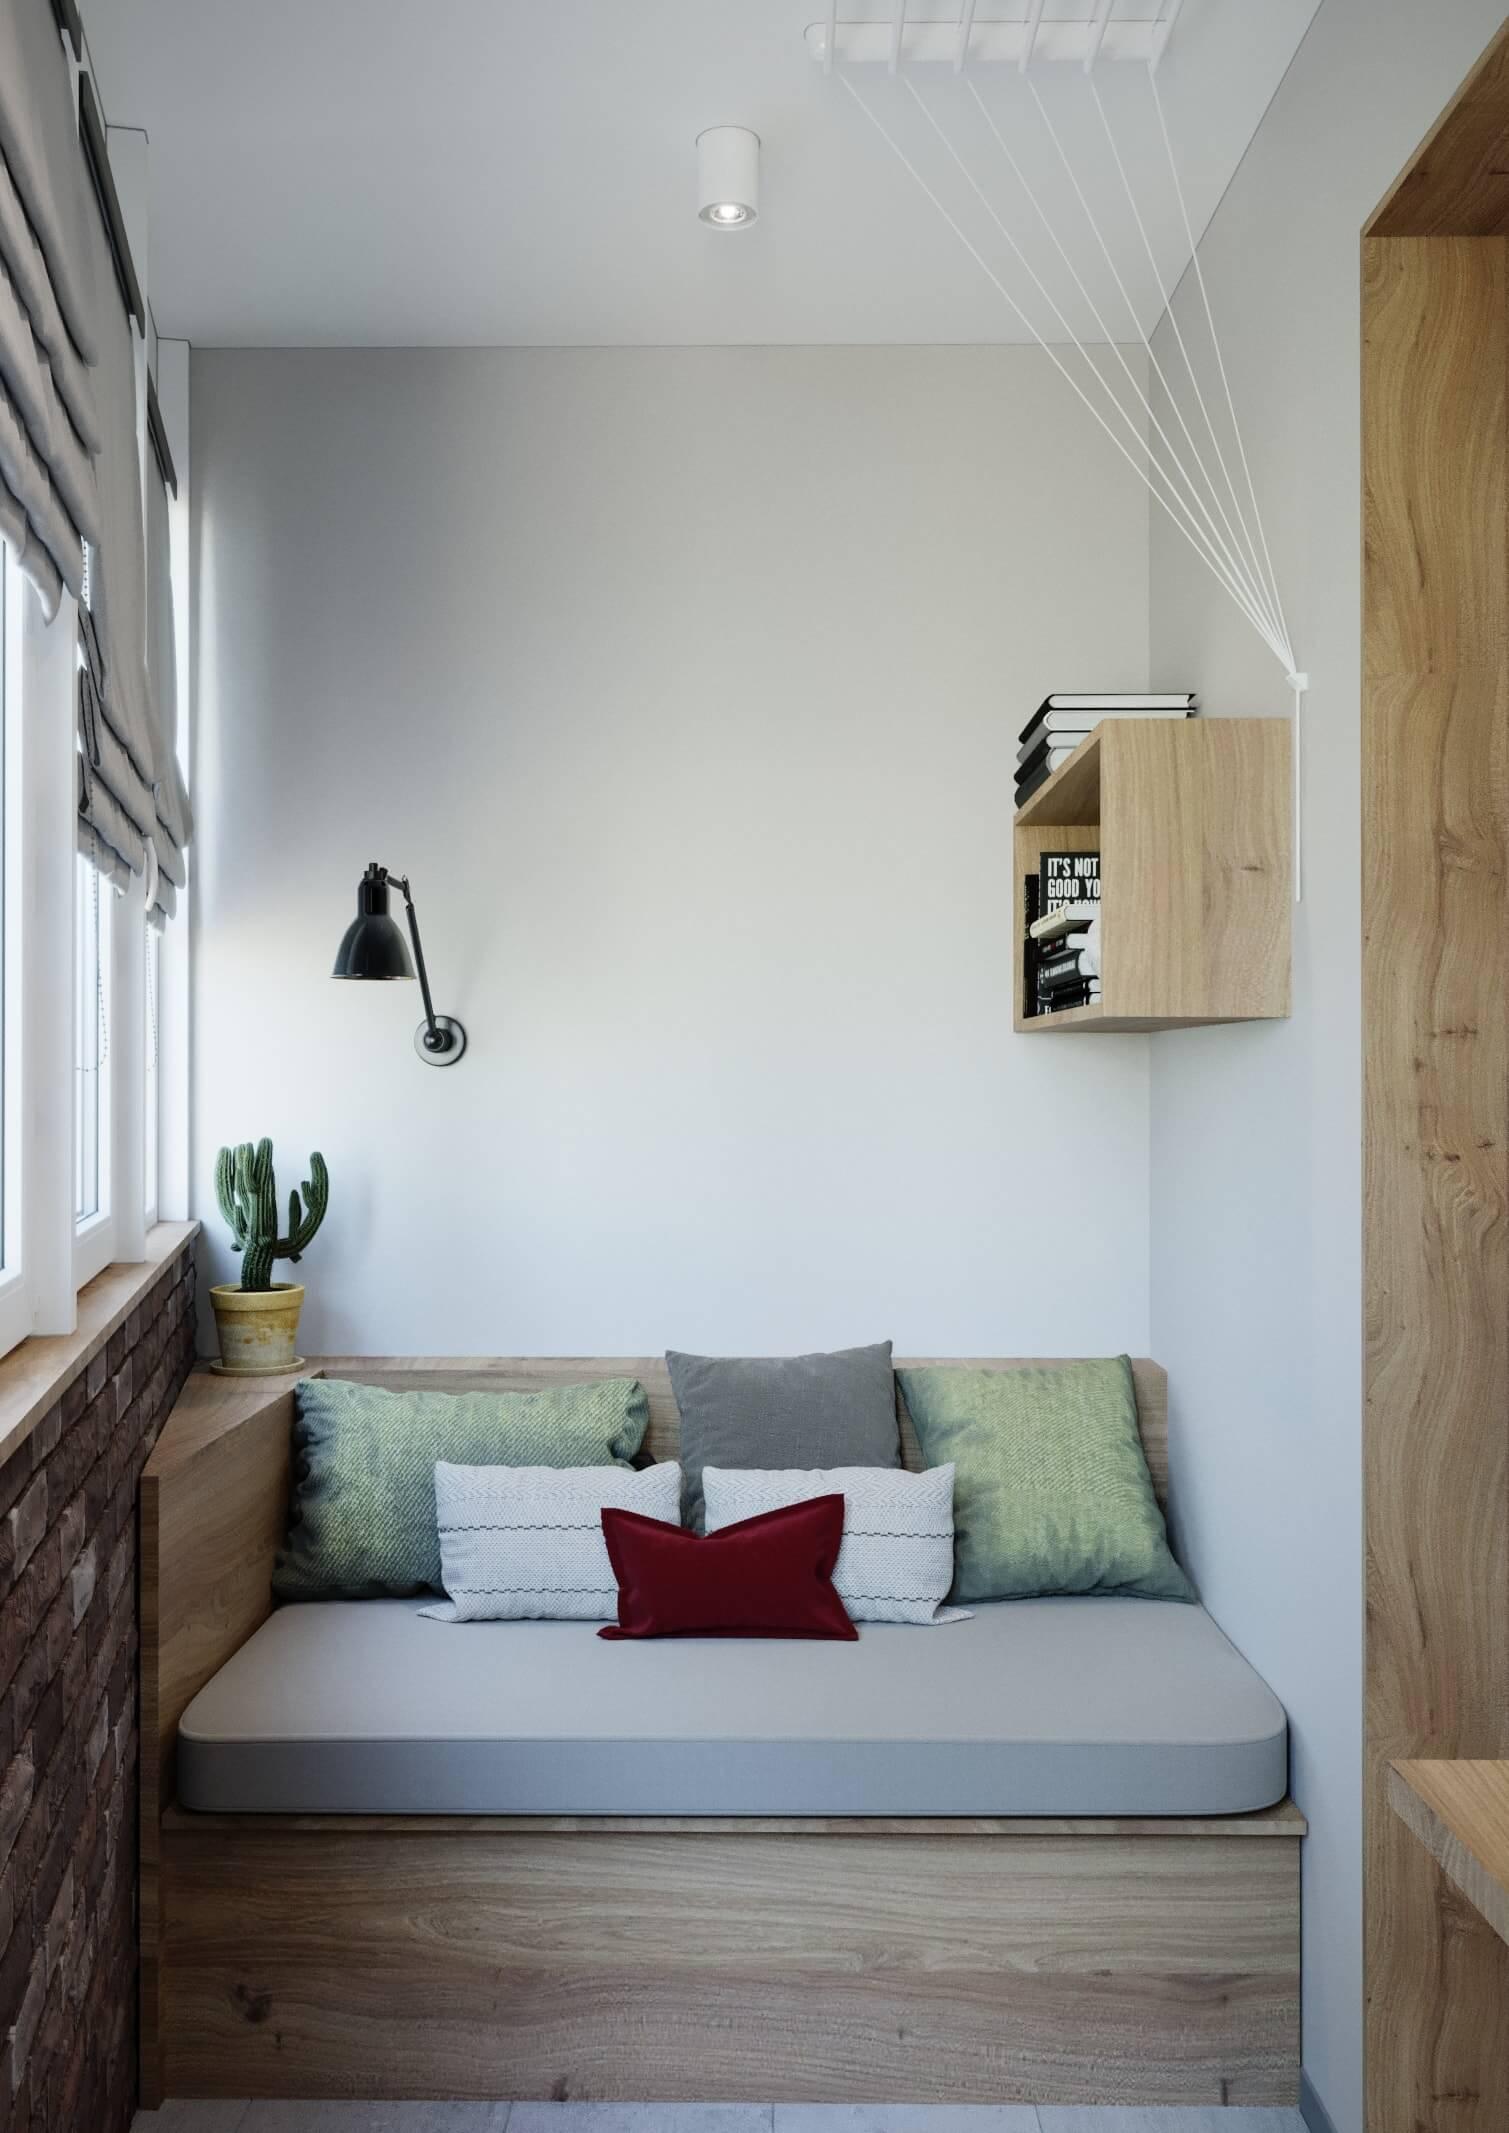 pr - Дизайн интерьера 1-2 комнатной квартиры 45 кв м